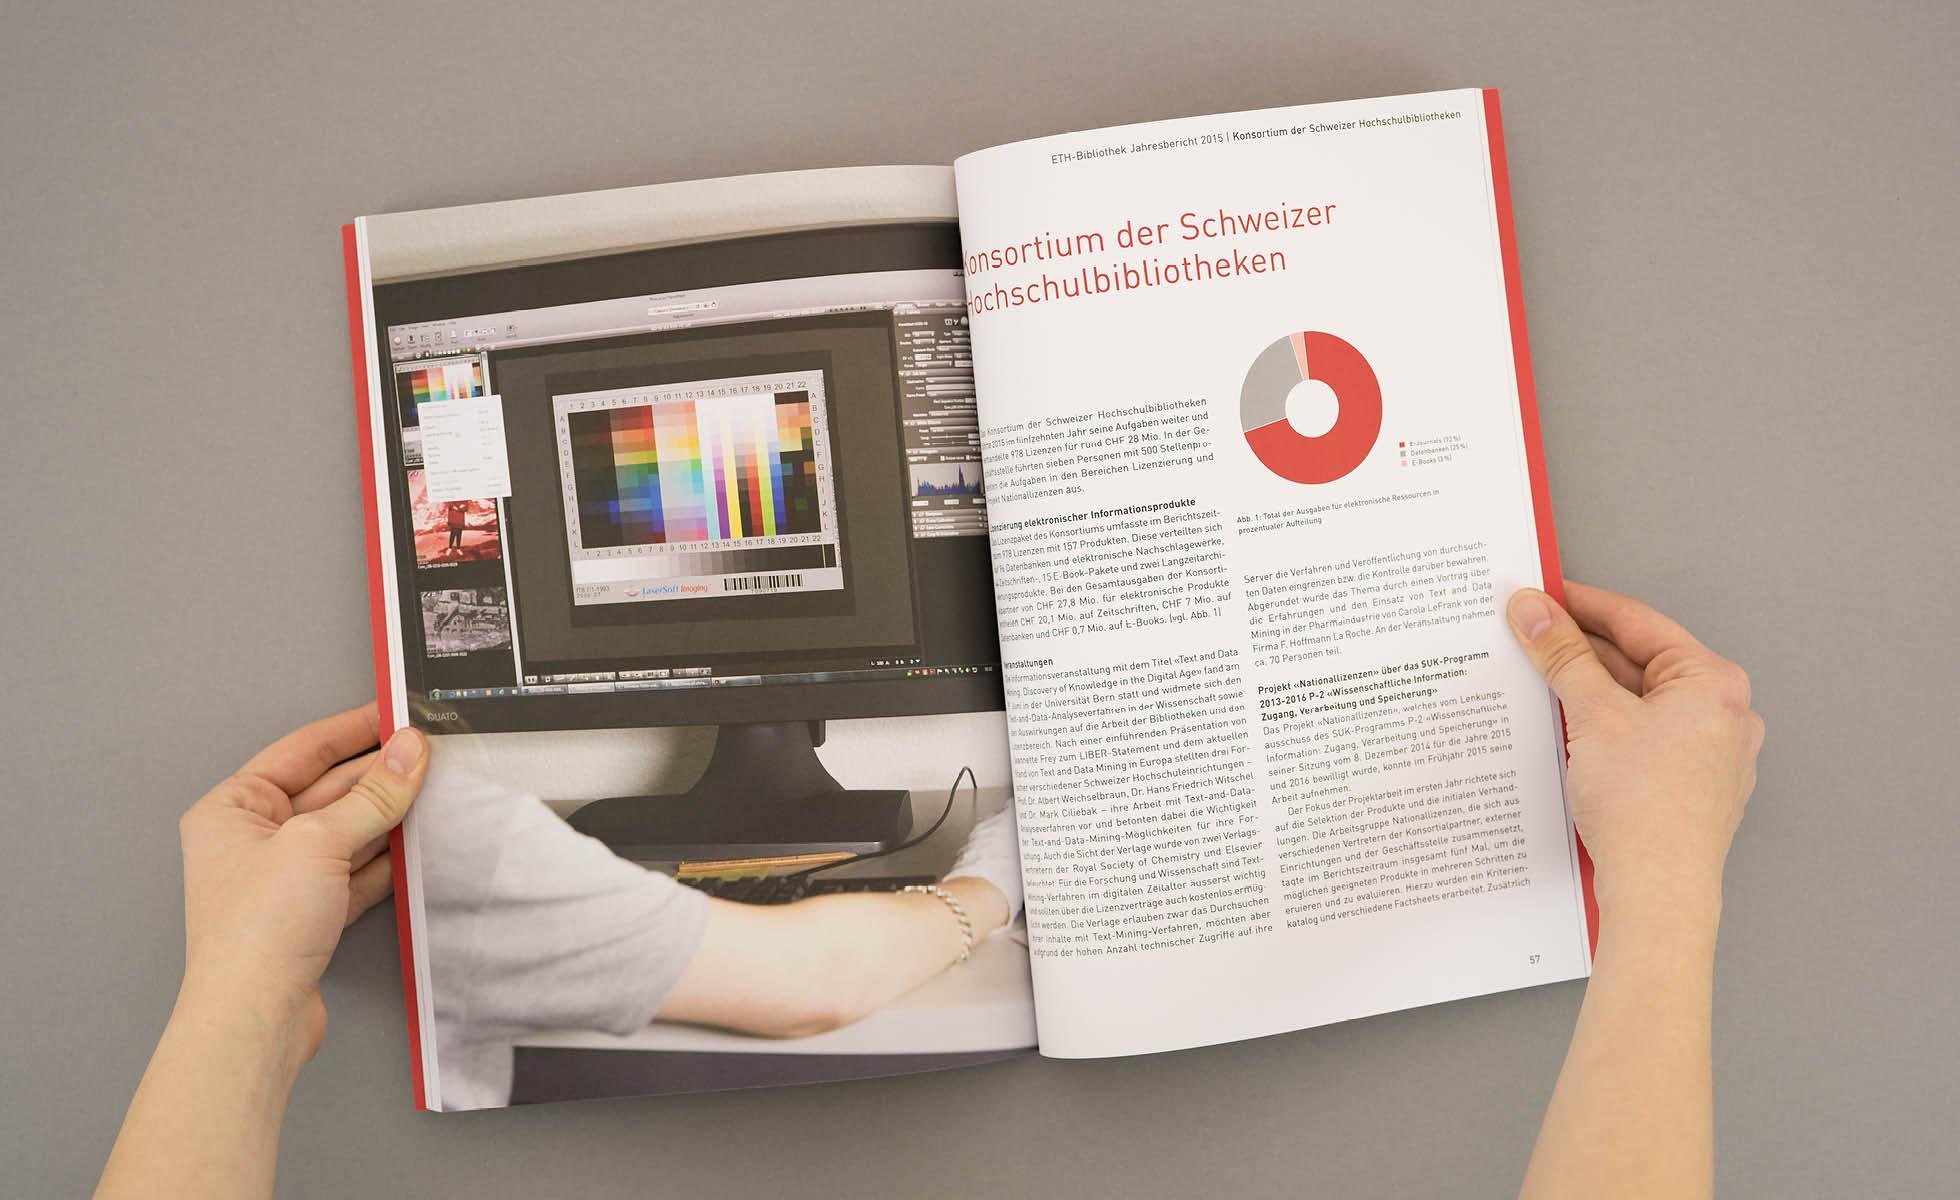 Ziemlich Digitales Elektronisches Projekt Zeitgenössisch - Der ...